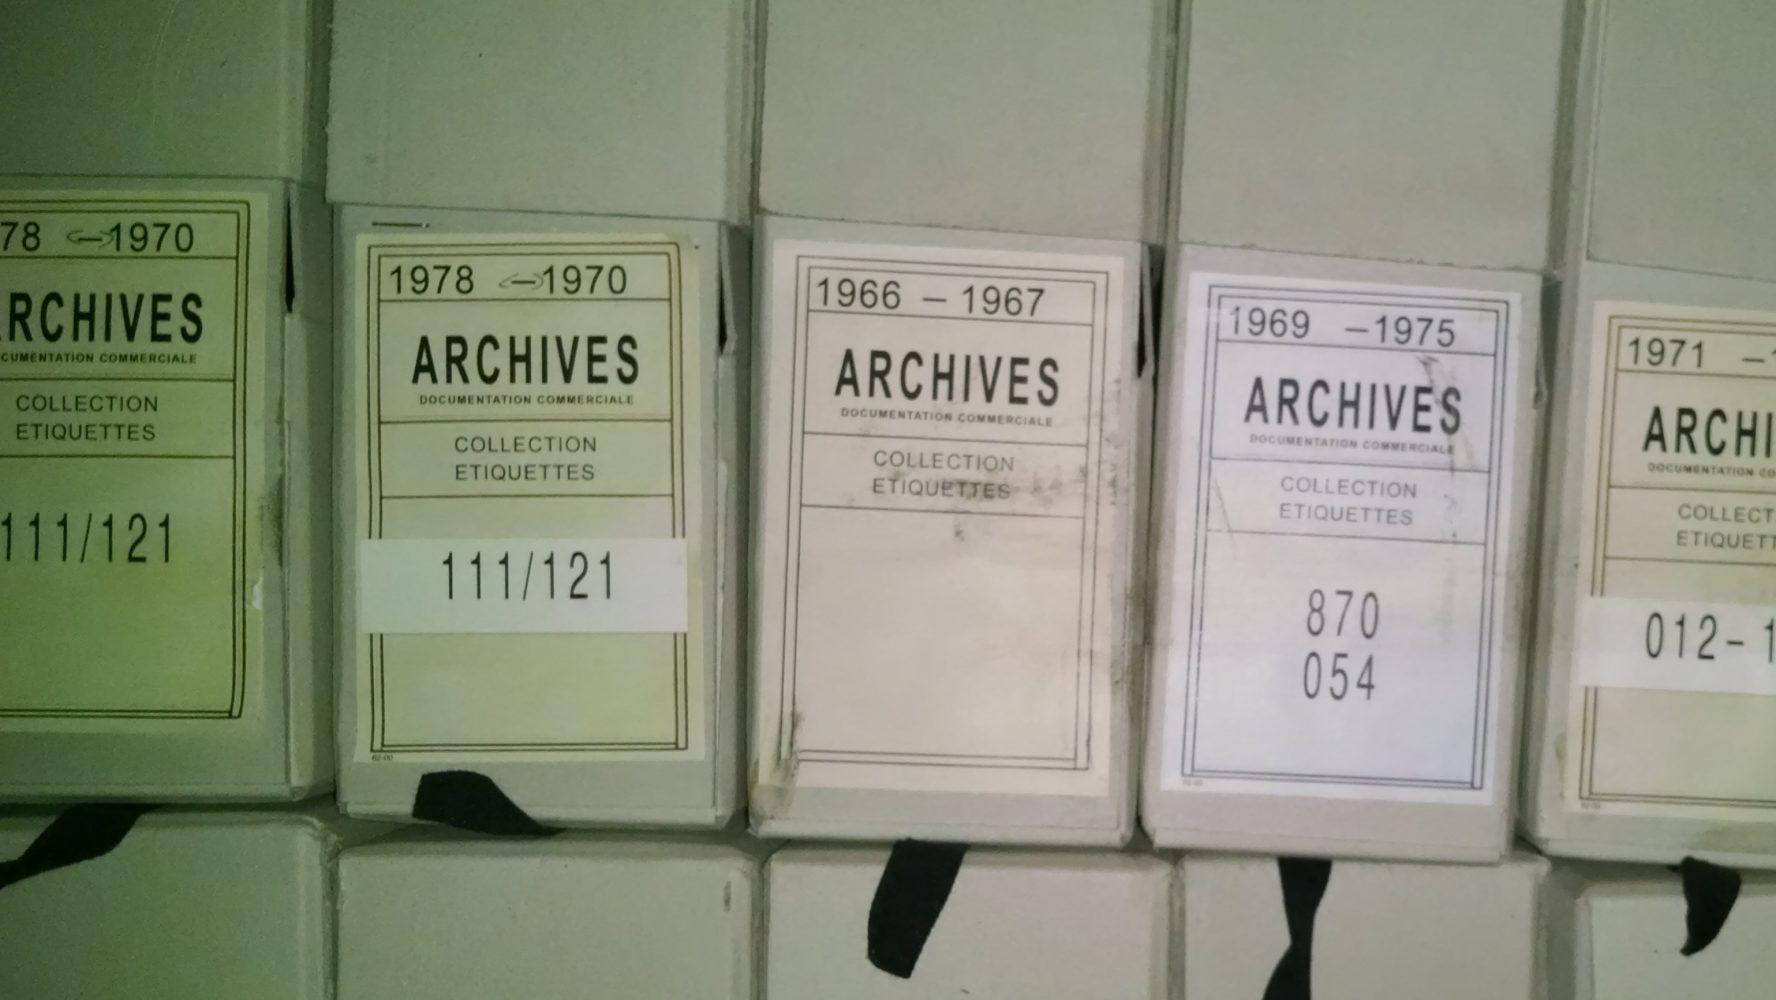 Archivist Connection, LLC